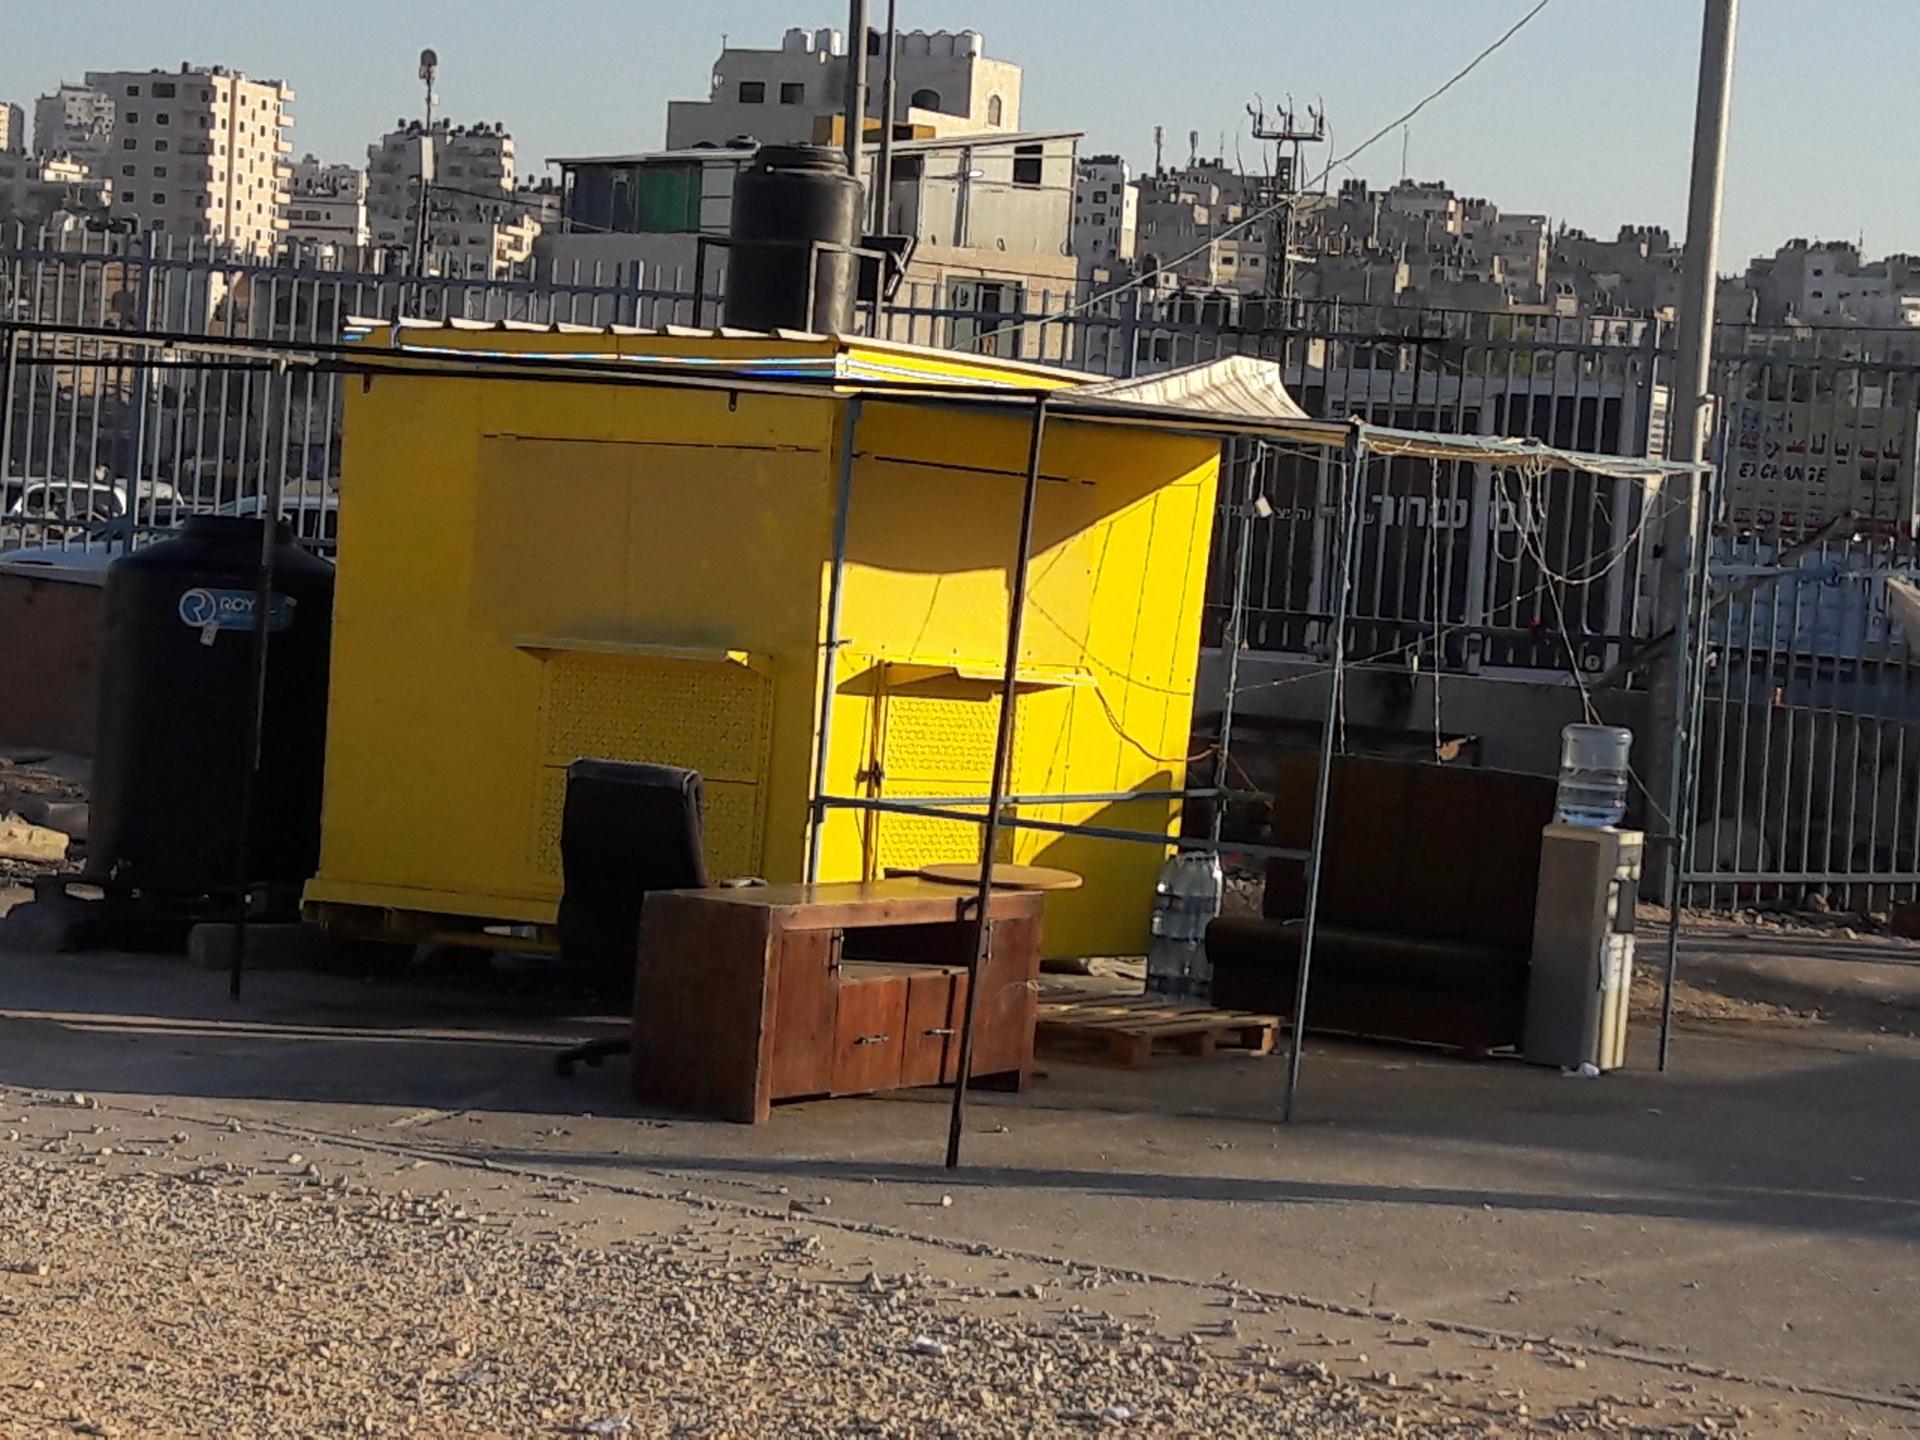 הבודקה הצהובה של הקיוסק בכניסה למתחם המחסום מכיוון קלנדיה